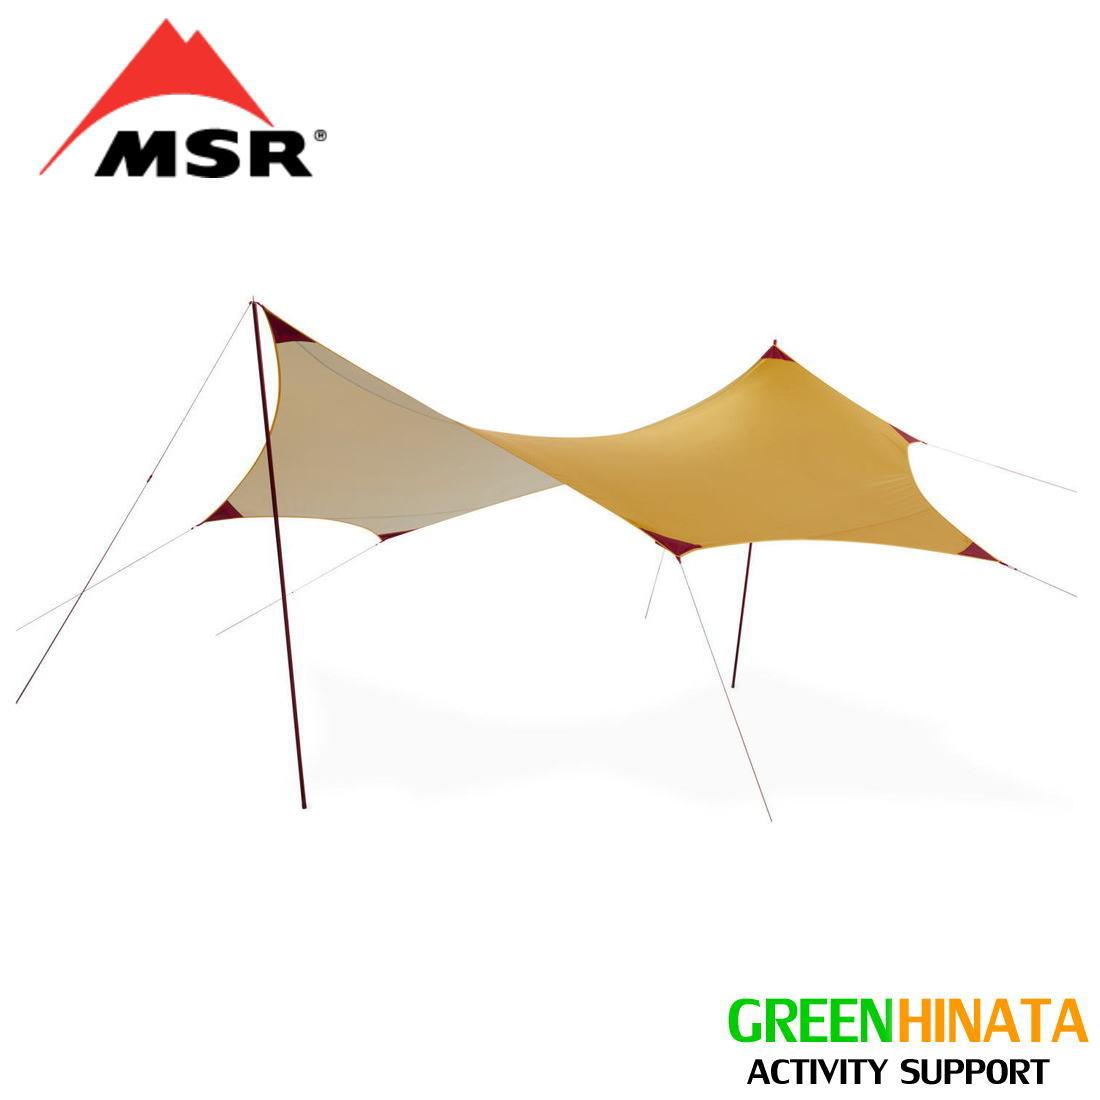 【国内正規品】 エムエスアール ランデブーサンシールド 200ウィング タープ MSR Rendezvous Sun Shield 200 2019 UPDATE MODEL